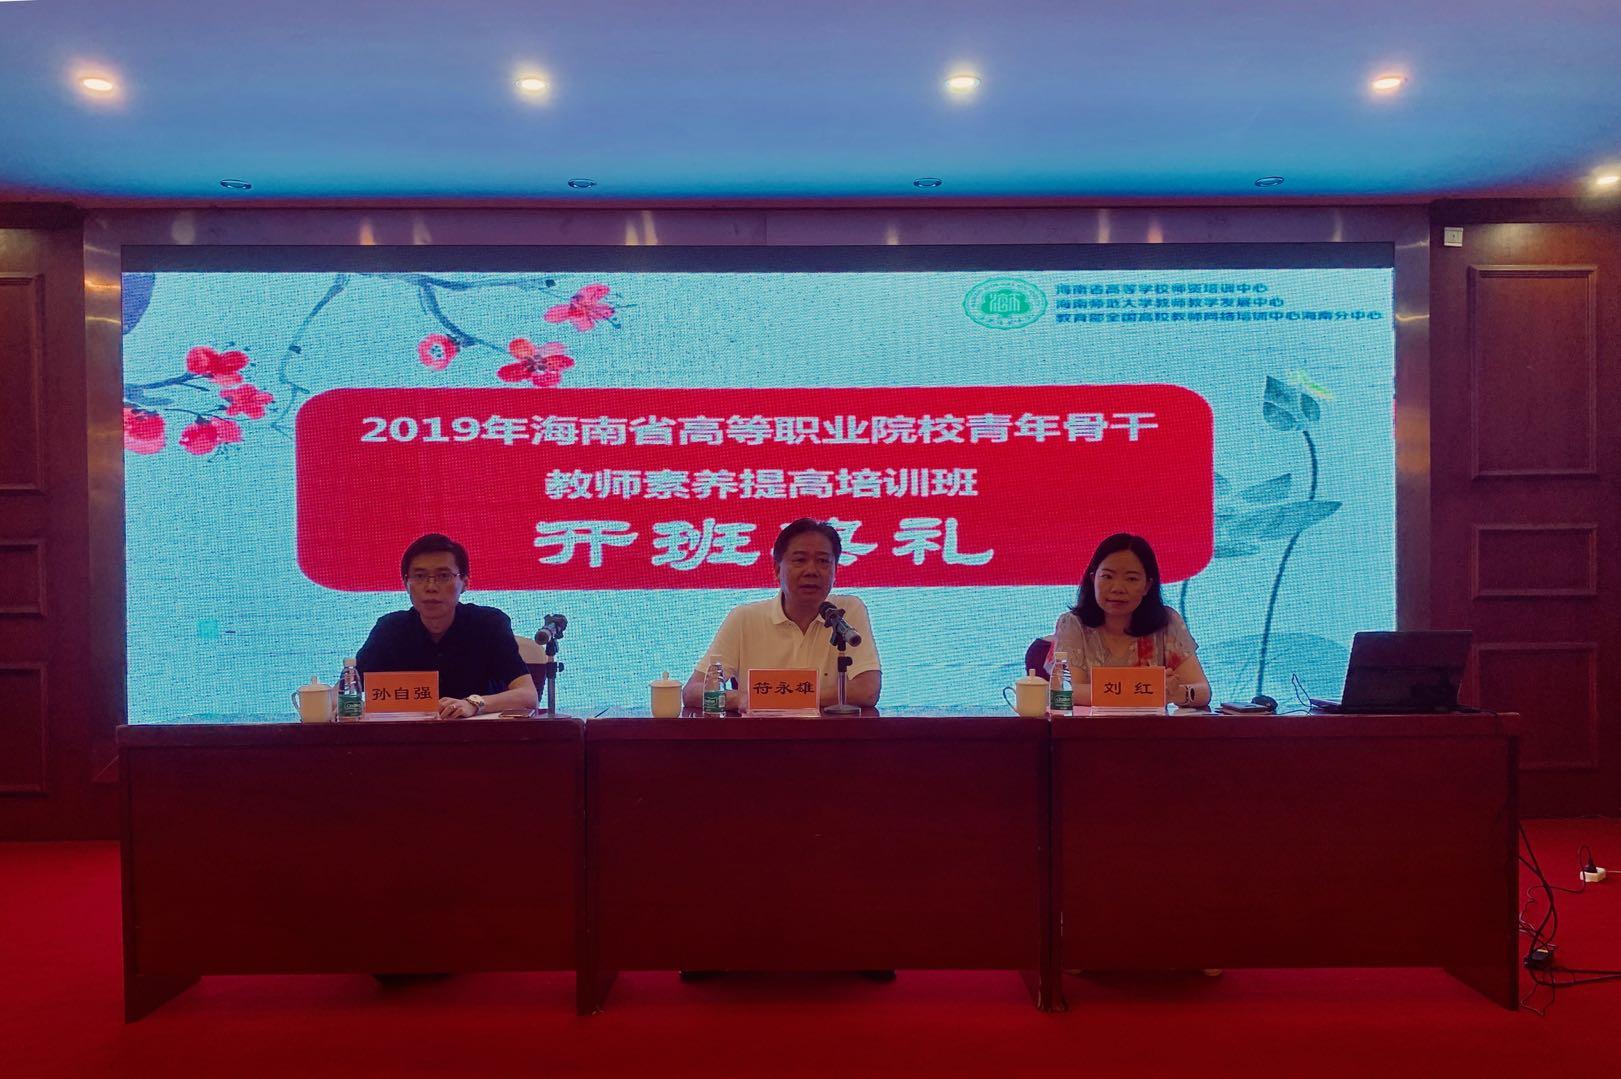 2019年海南省高等职业院校青年骨干教师素养提升培训班开班典礼顺利举行